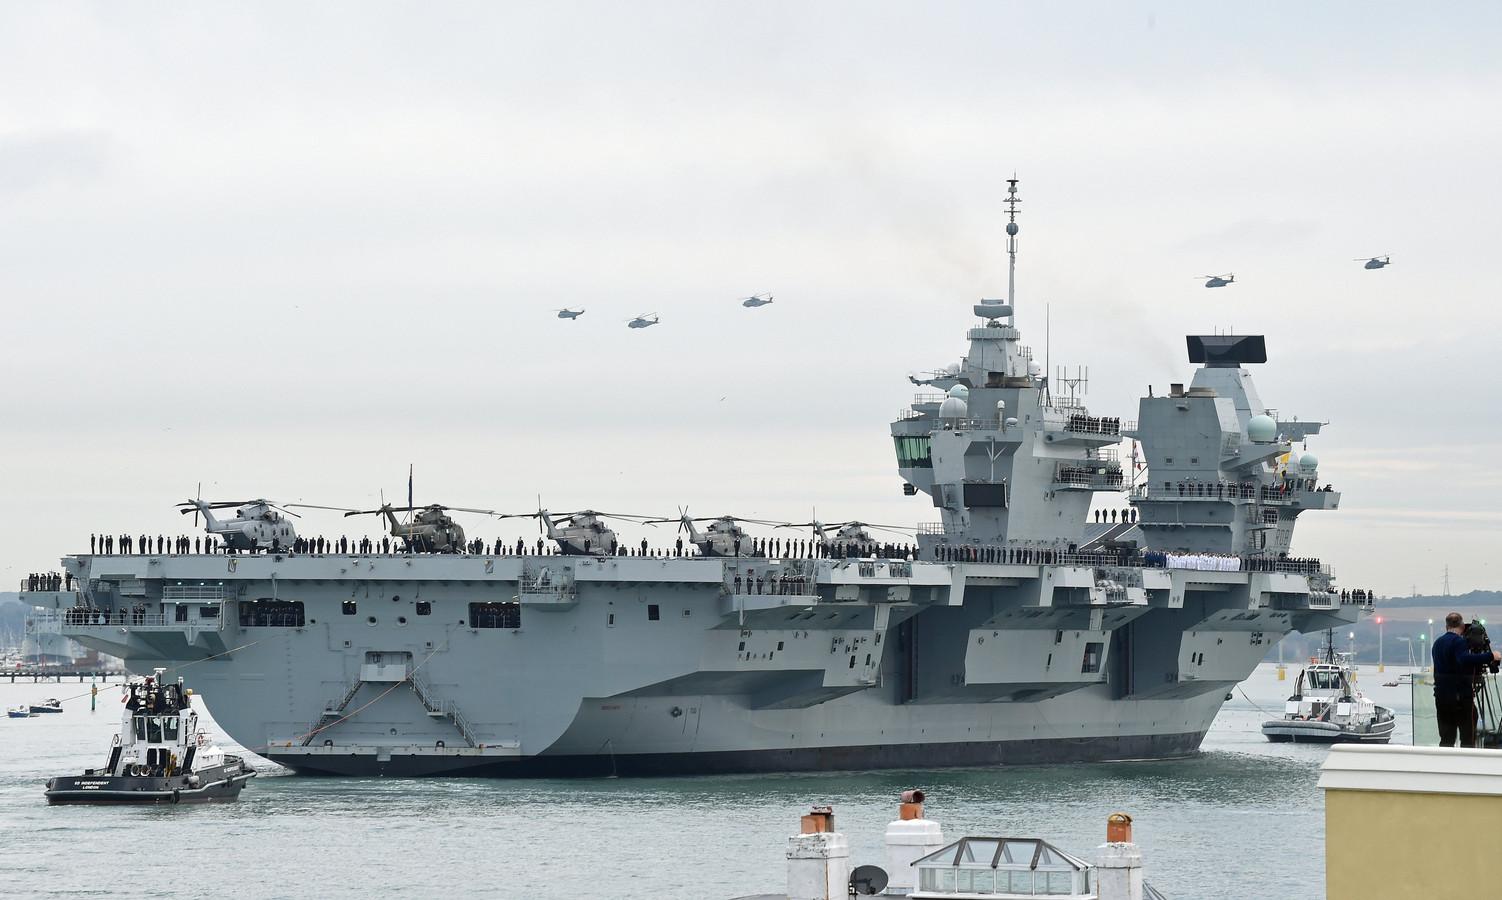 Van het Britse vliegdekschip HMS Queen Elizabeth zouden F-35B gevechtsvliegtuigen en helikopters de twee schepen die Groot-Brittannië naar de Zwarte Zee stuurt kunnen ondersteunen.